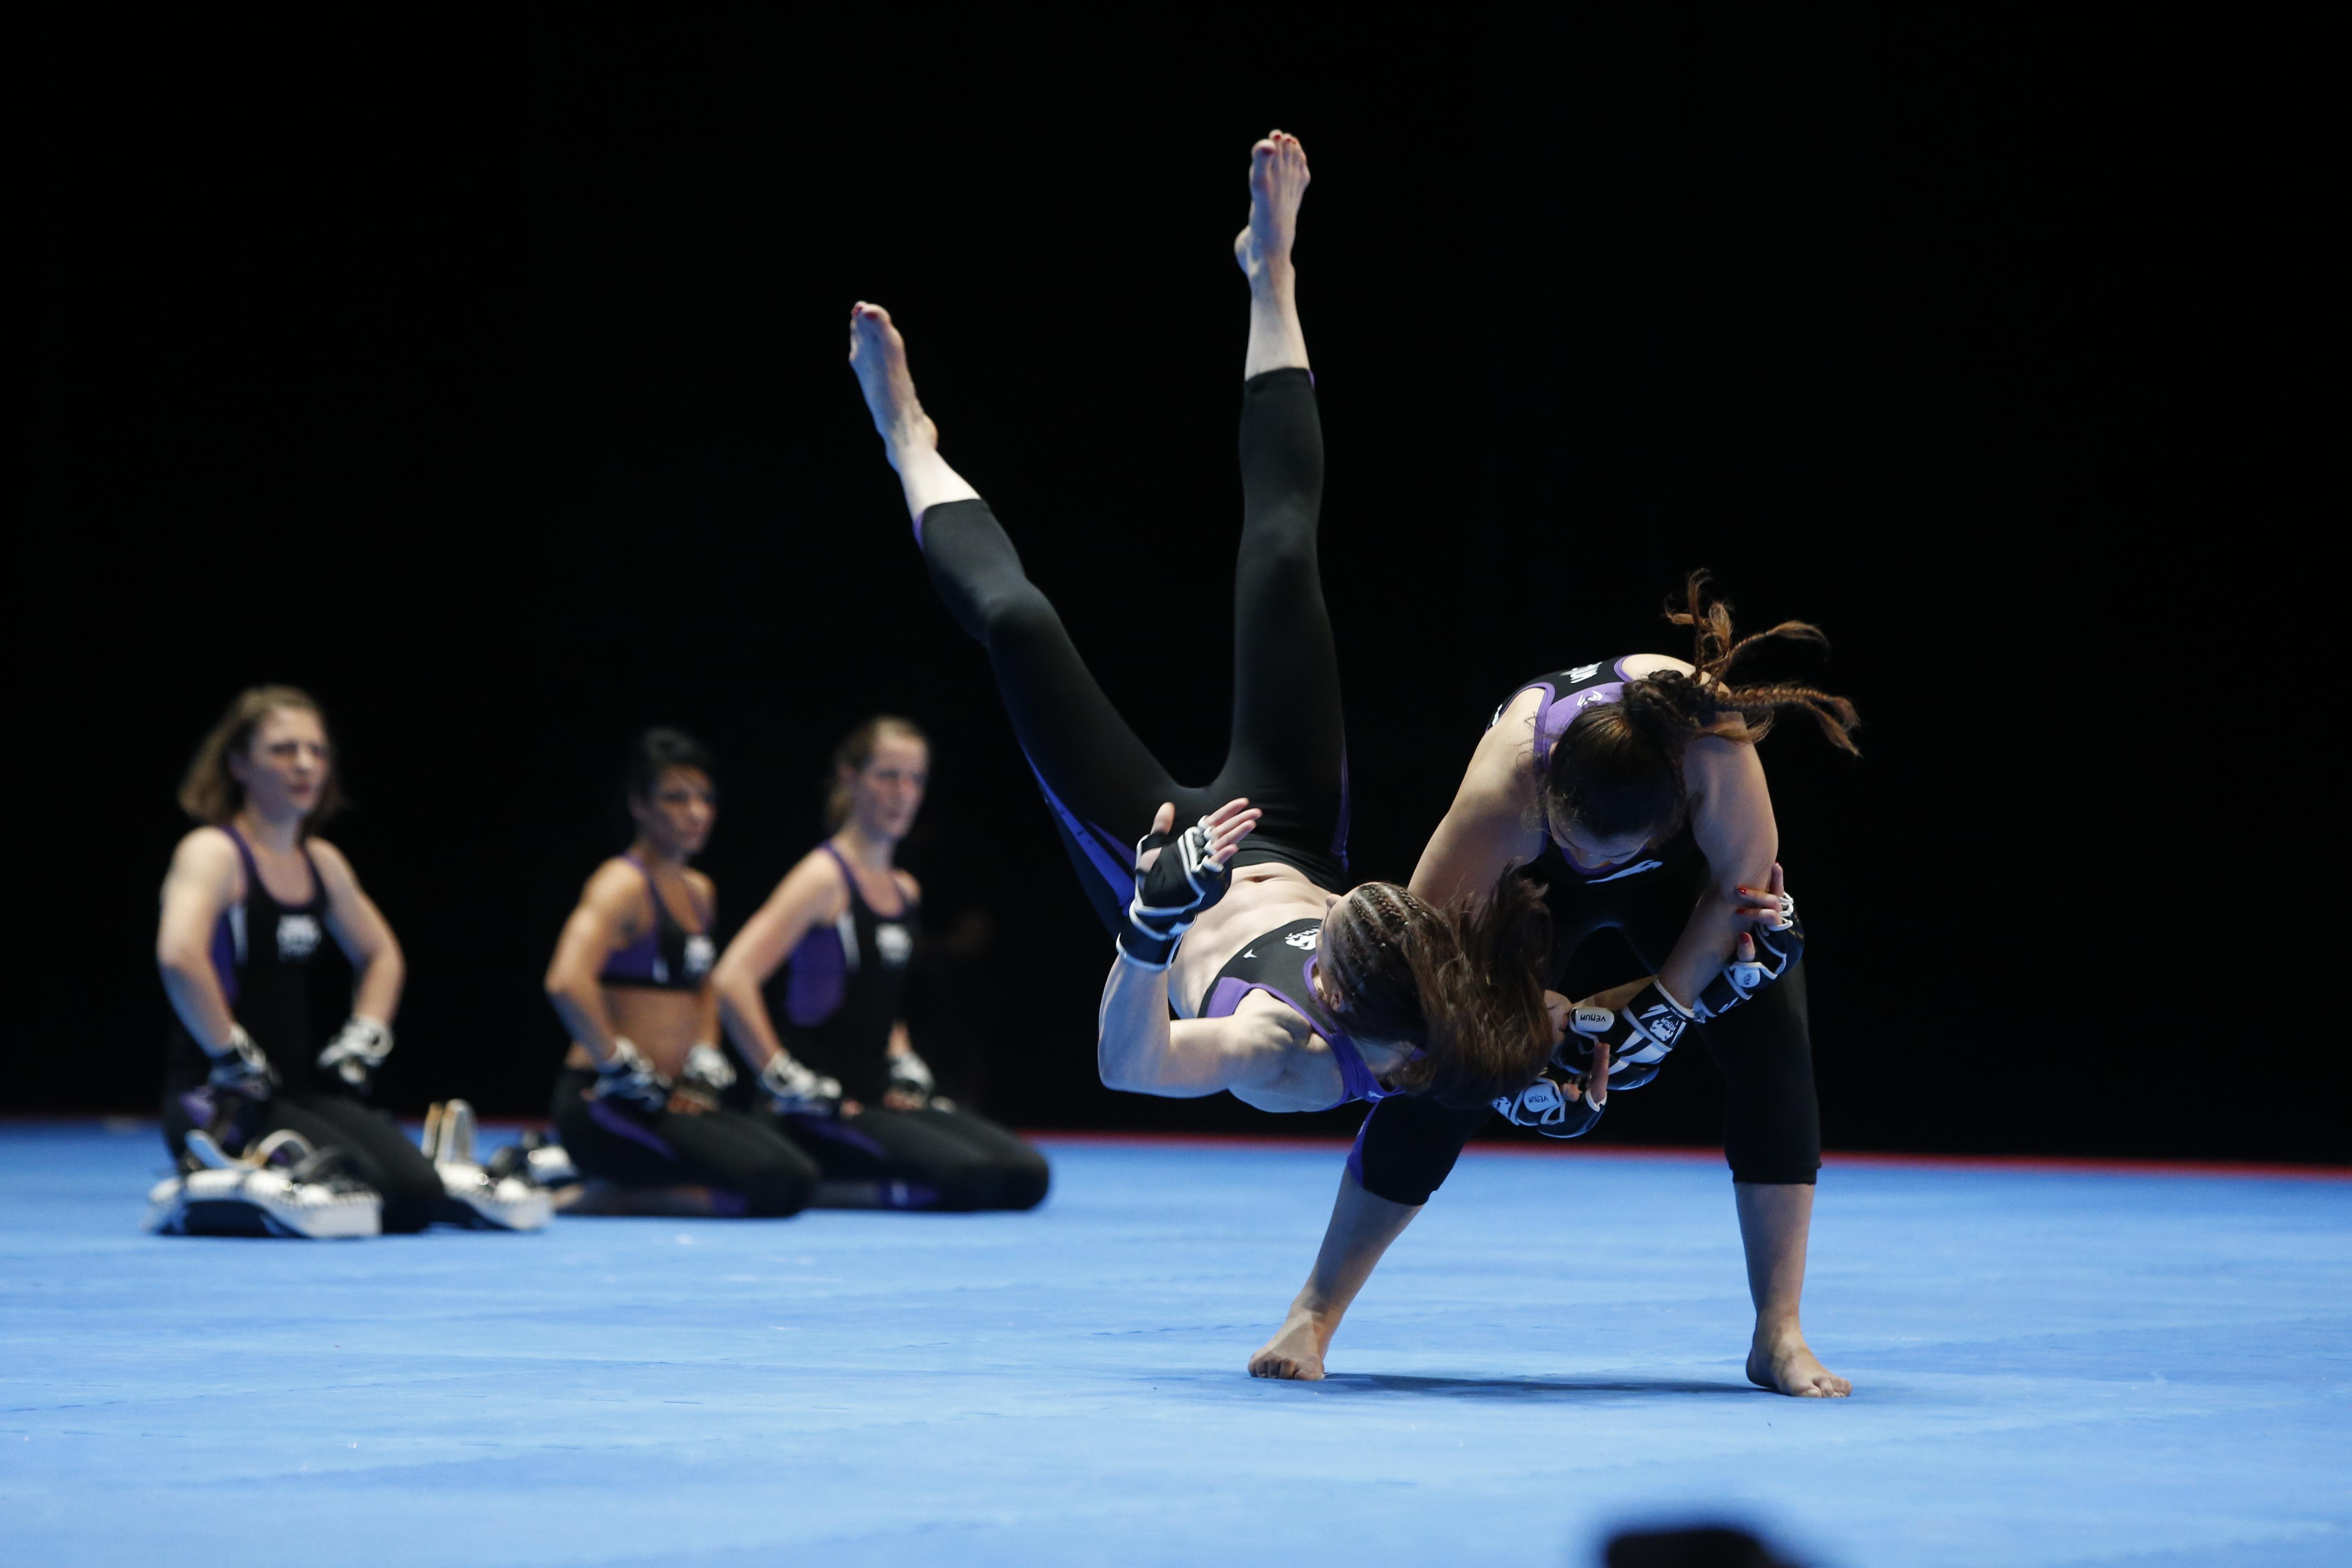 15. MMA GIRL